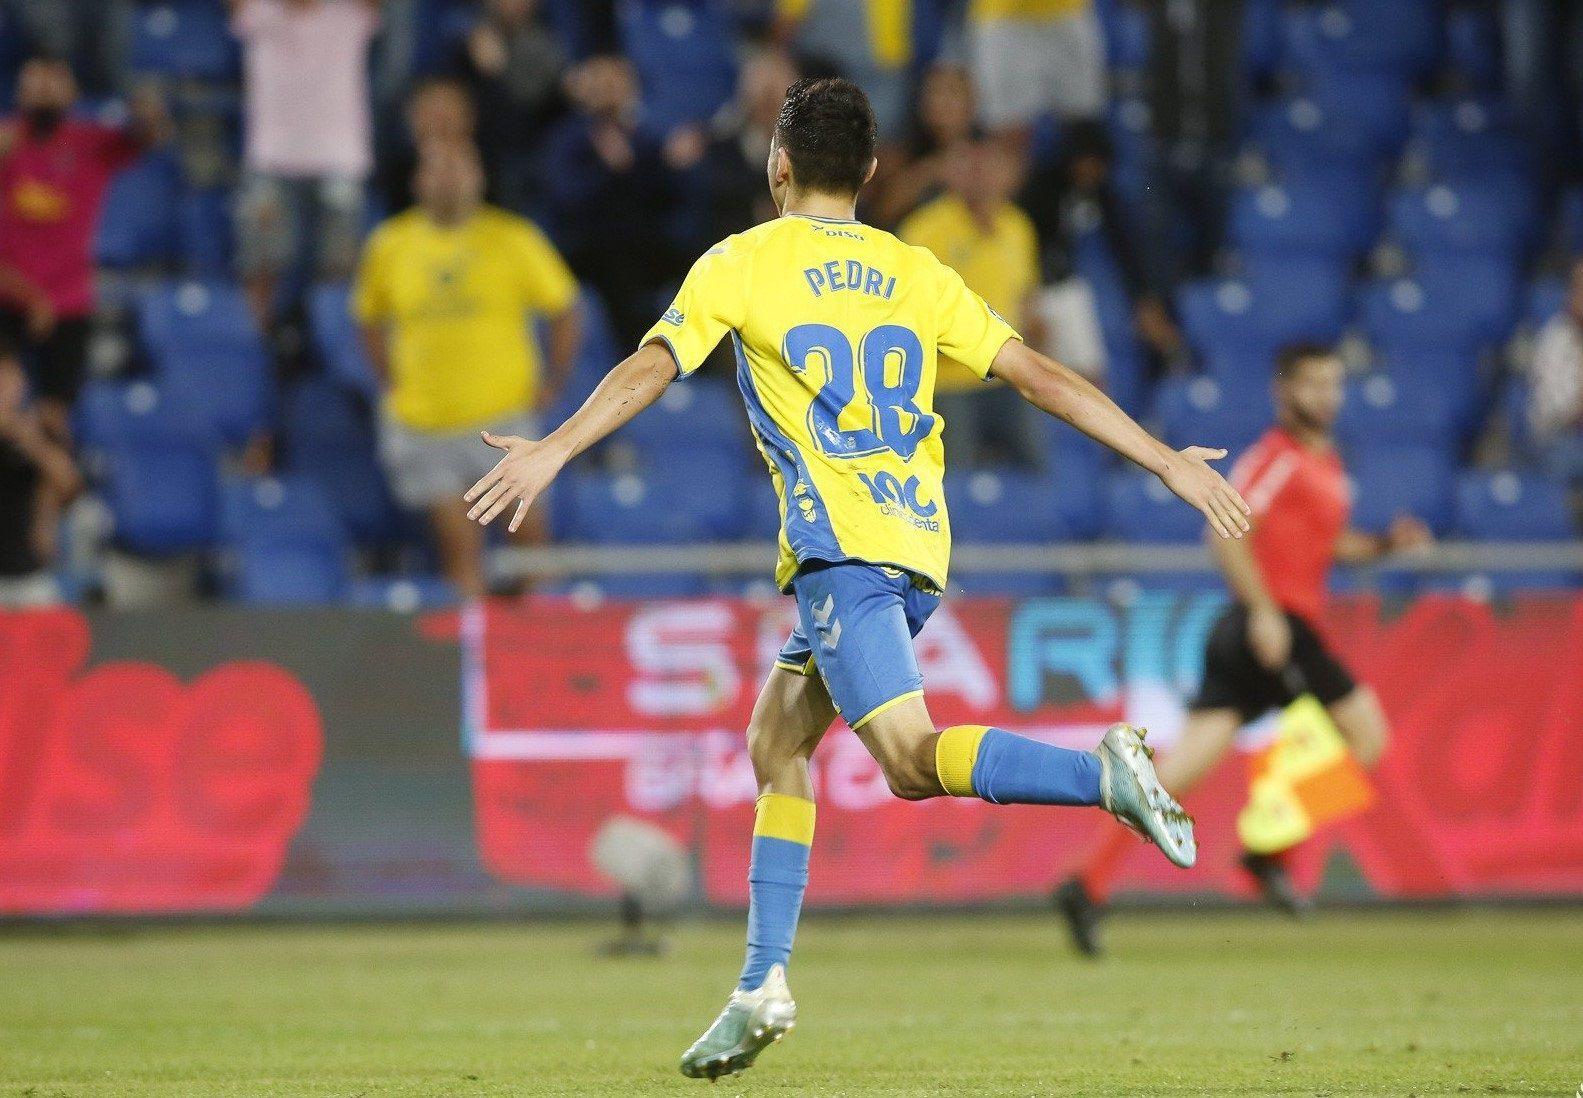 Pedri celebra un gol con Las Palmas